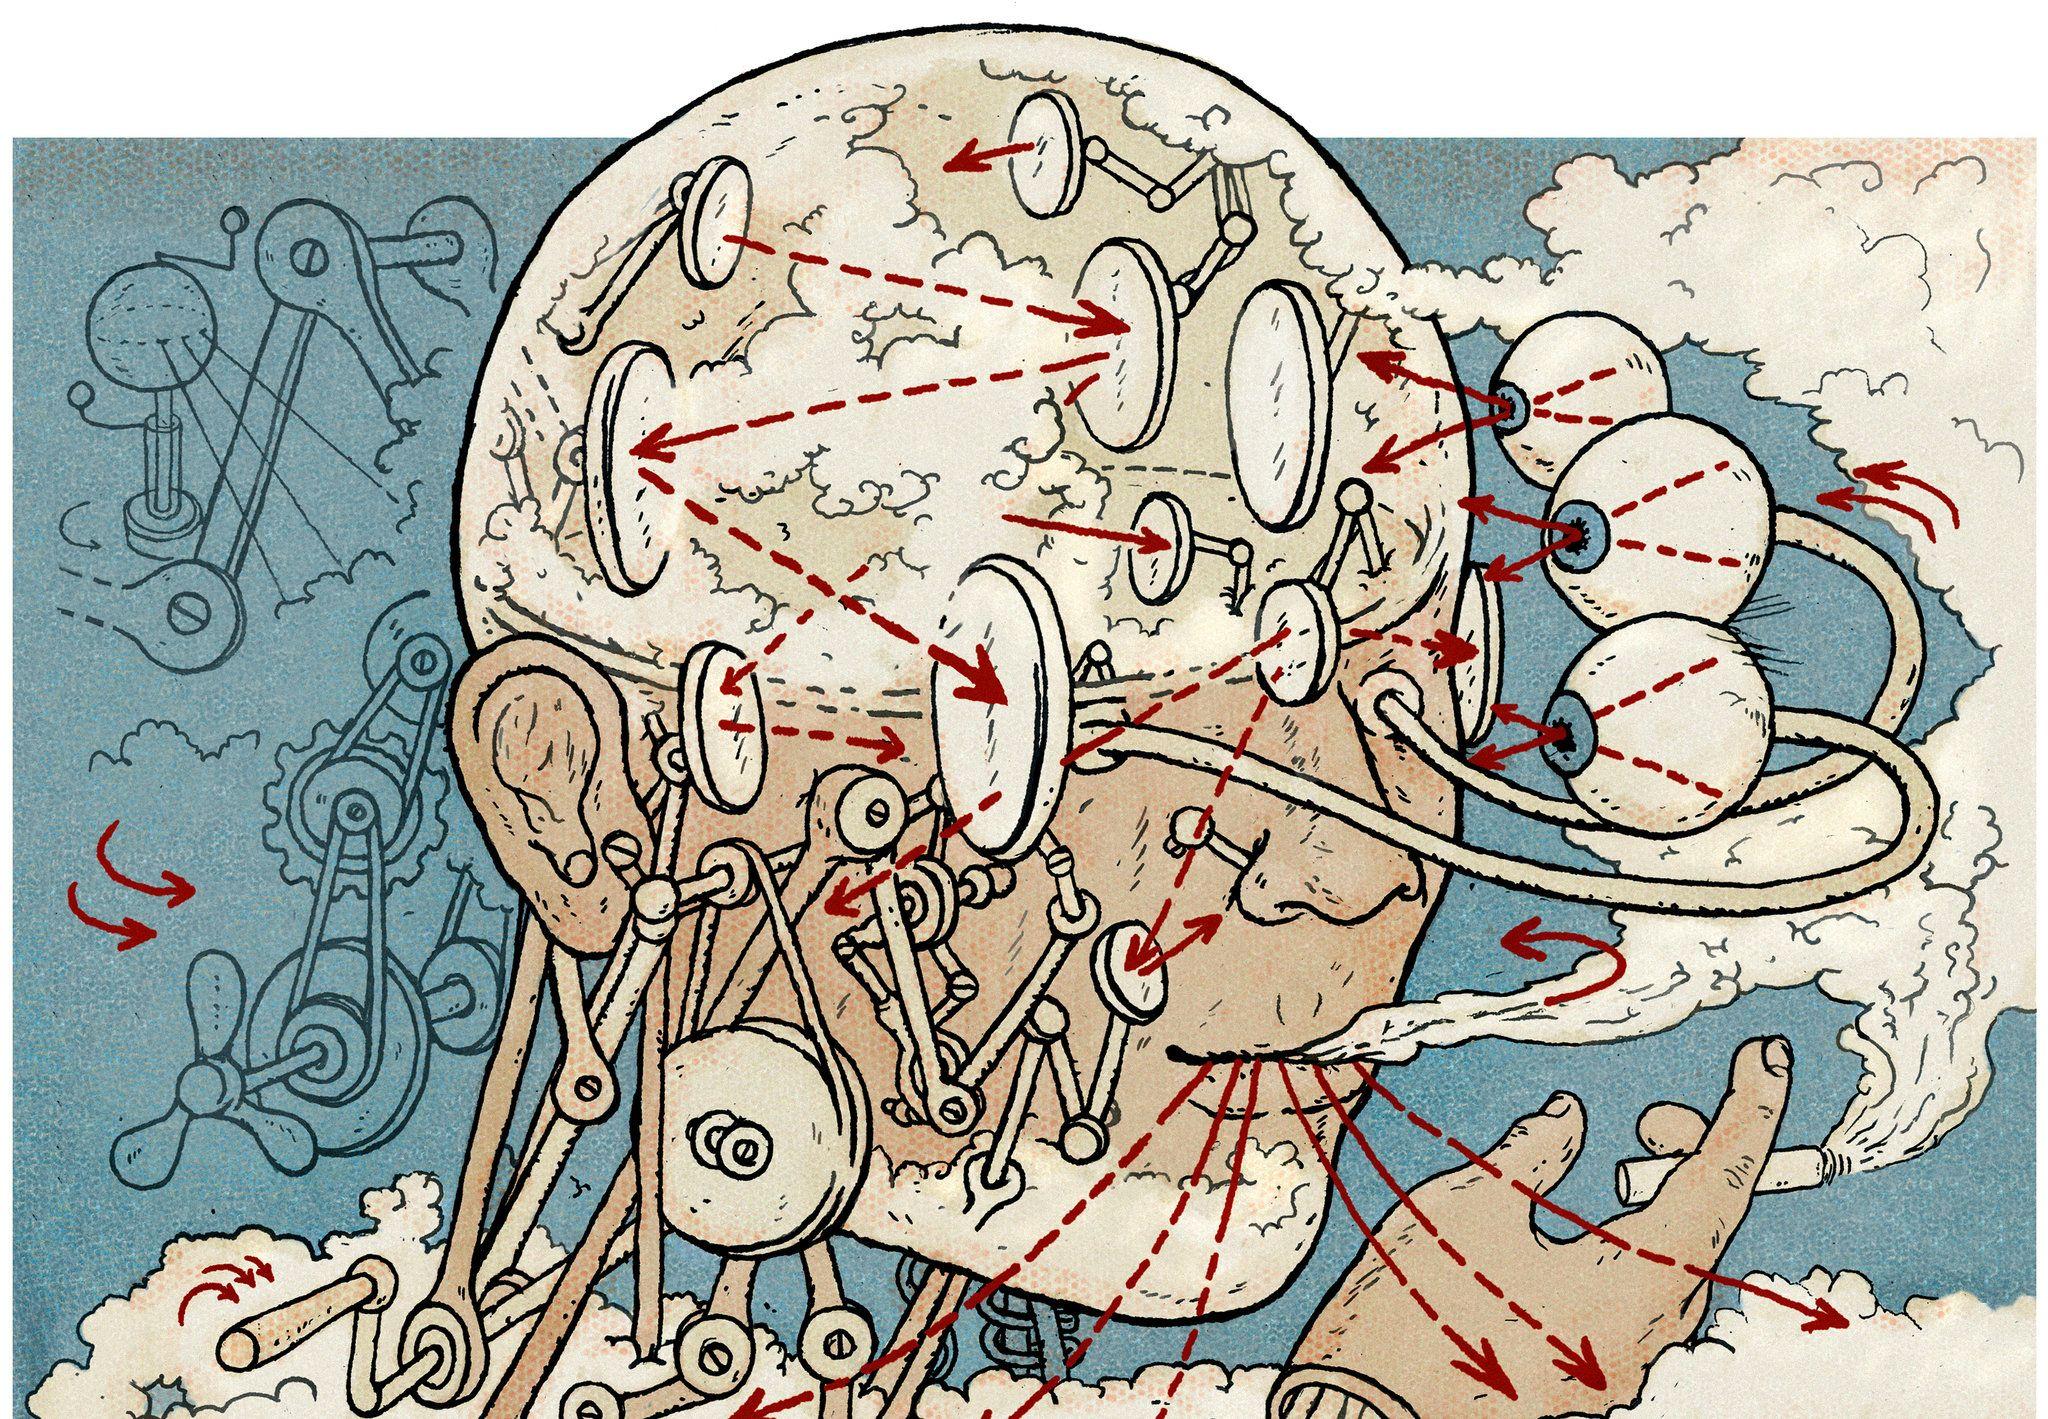 006 Jonathan Rosen Art essay, Essay outline format, Books